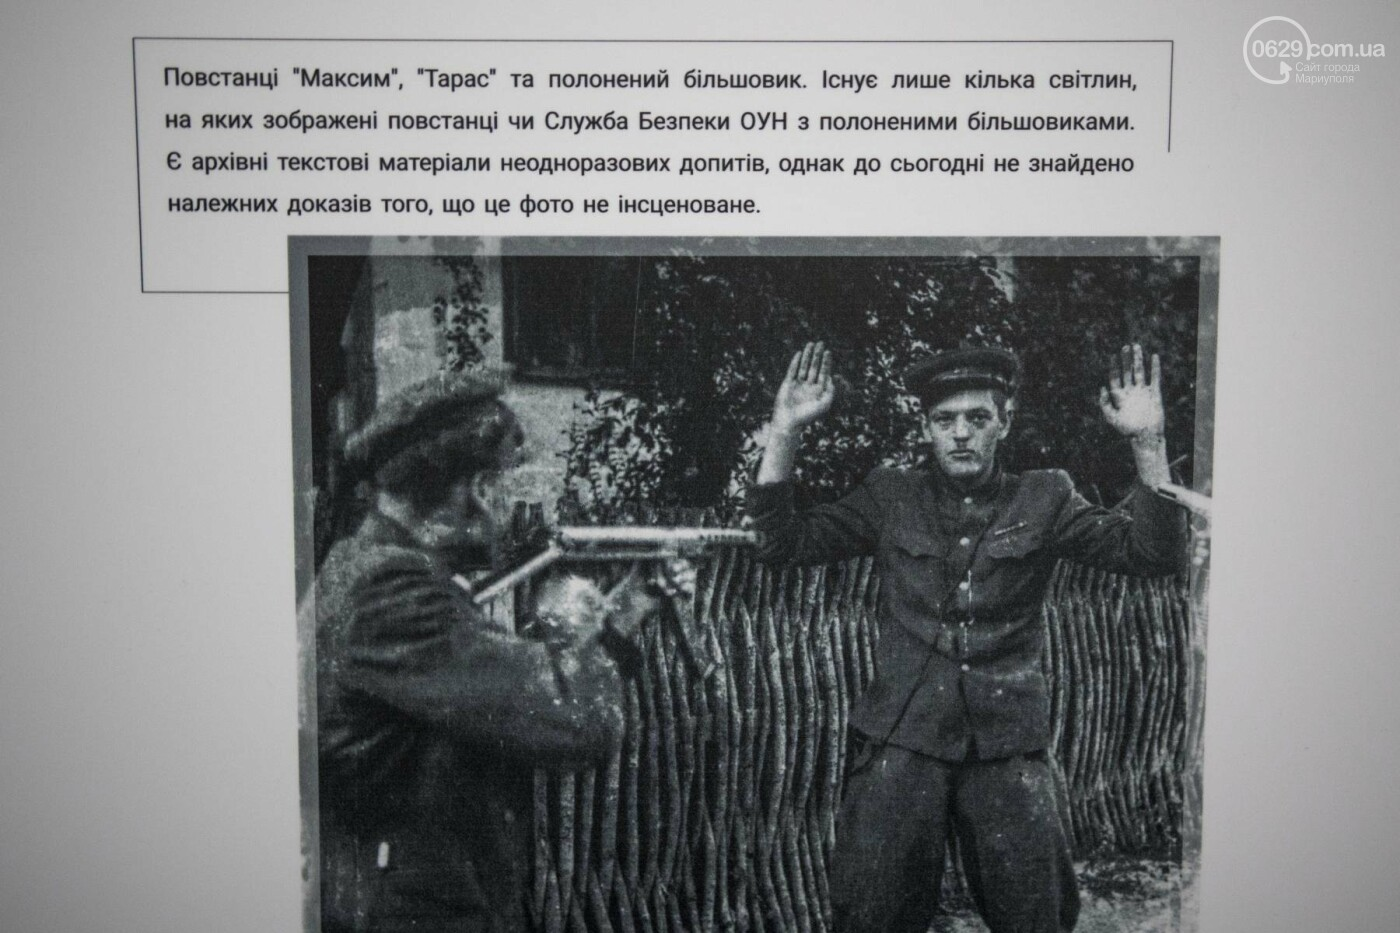 Фотовыставка «Два столетия, одна война»: в Мариуполе провели параллель между войной на Донбассе и борьбой УПА (ФОТО, ВИДЕО), фото-15